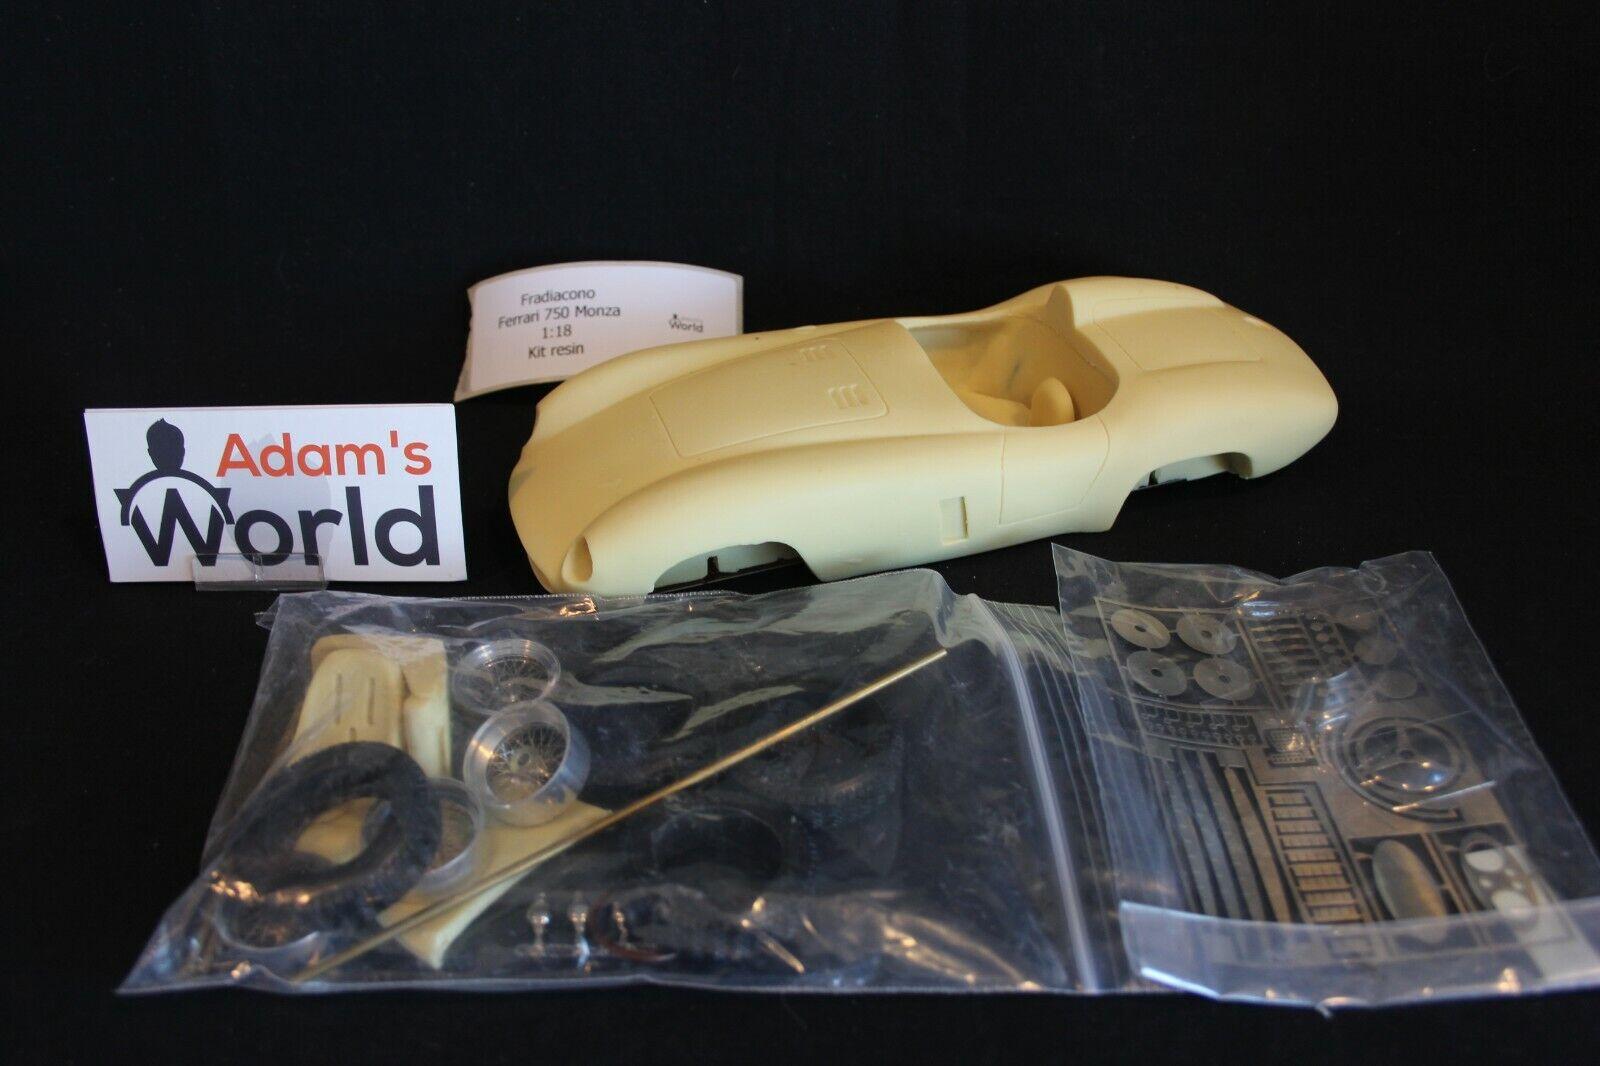 Fradiacono unbuilt kit resin Ferrari 750 Monza 1 18 (PJBB)